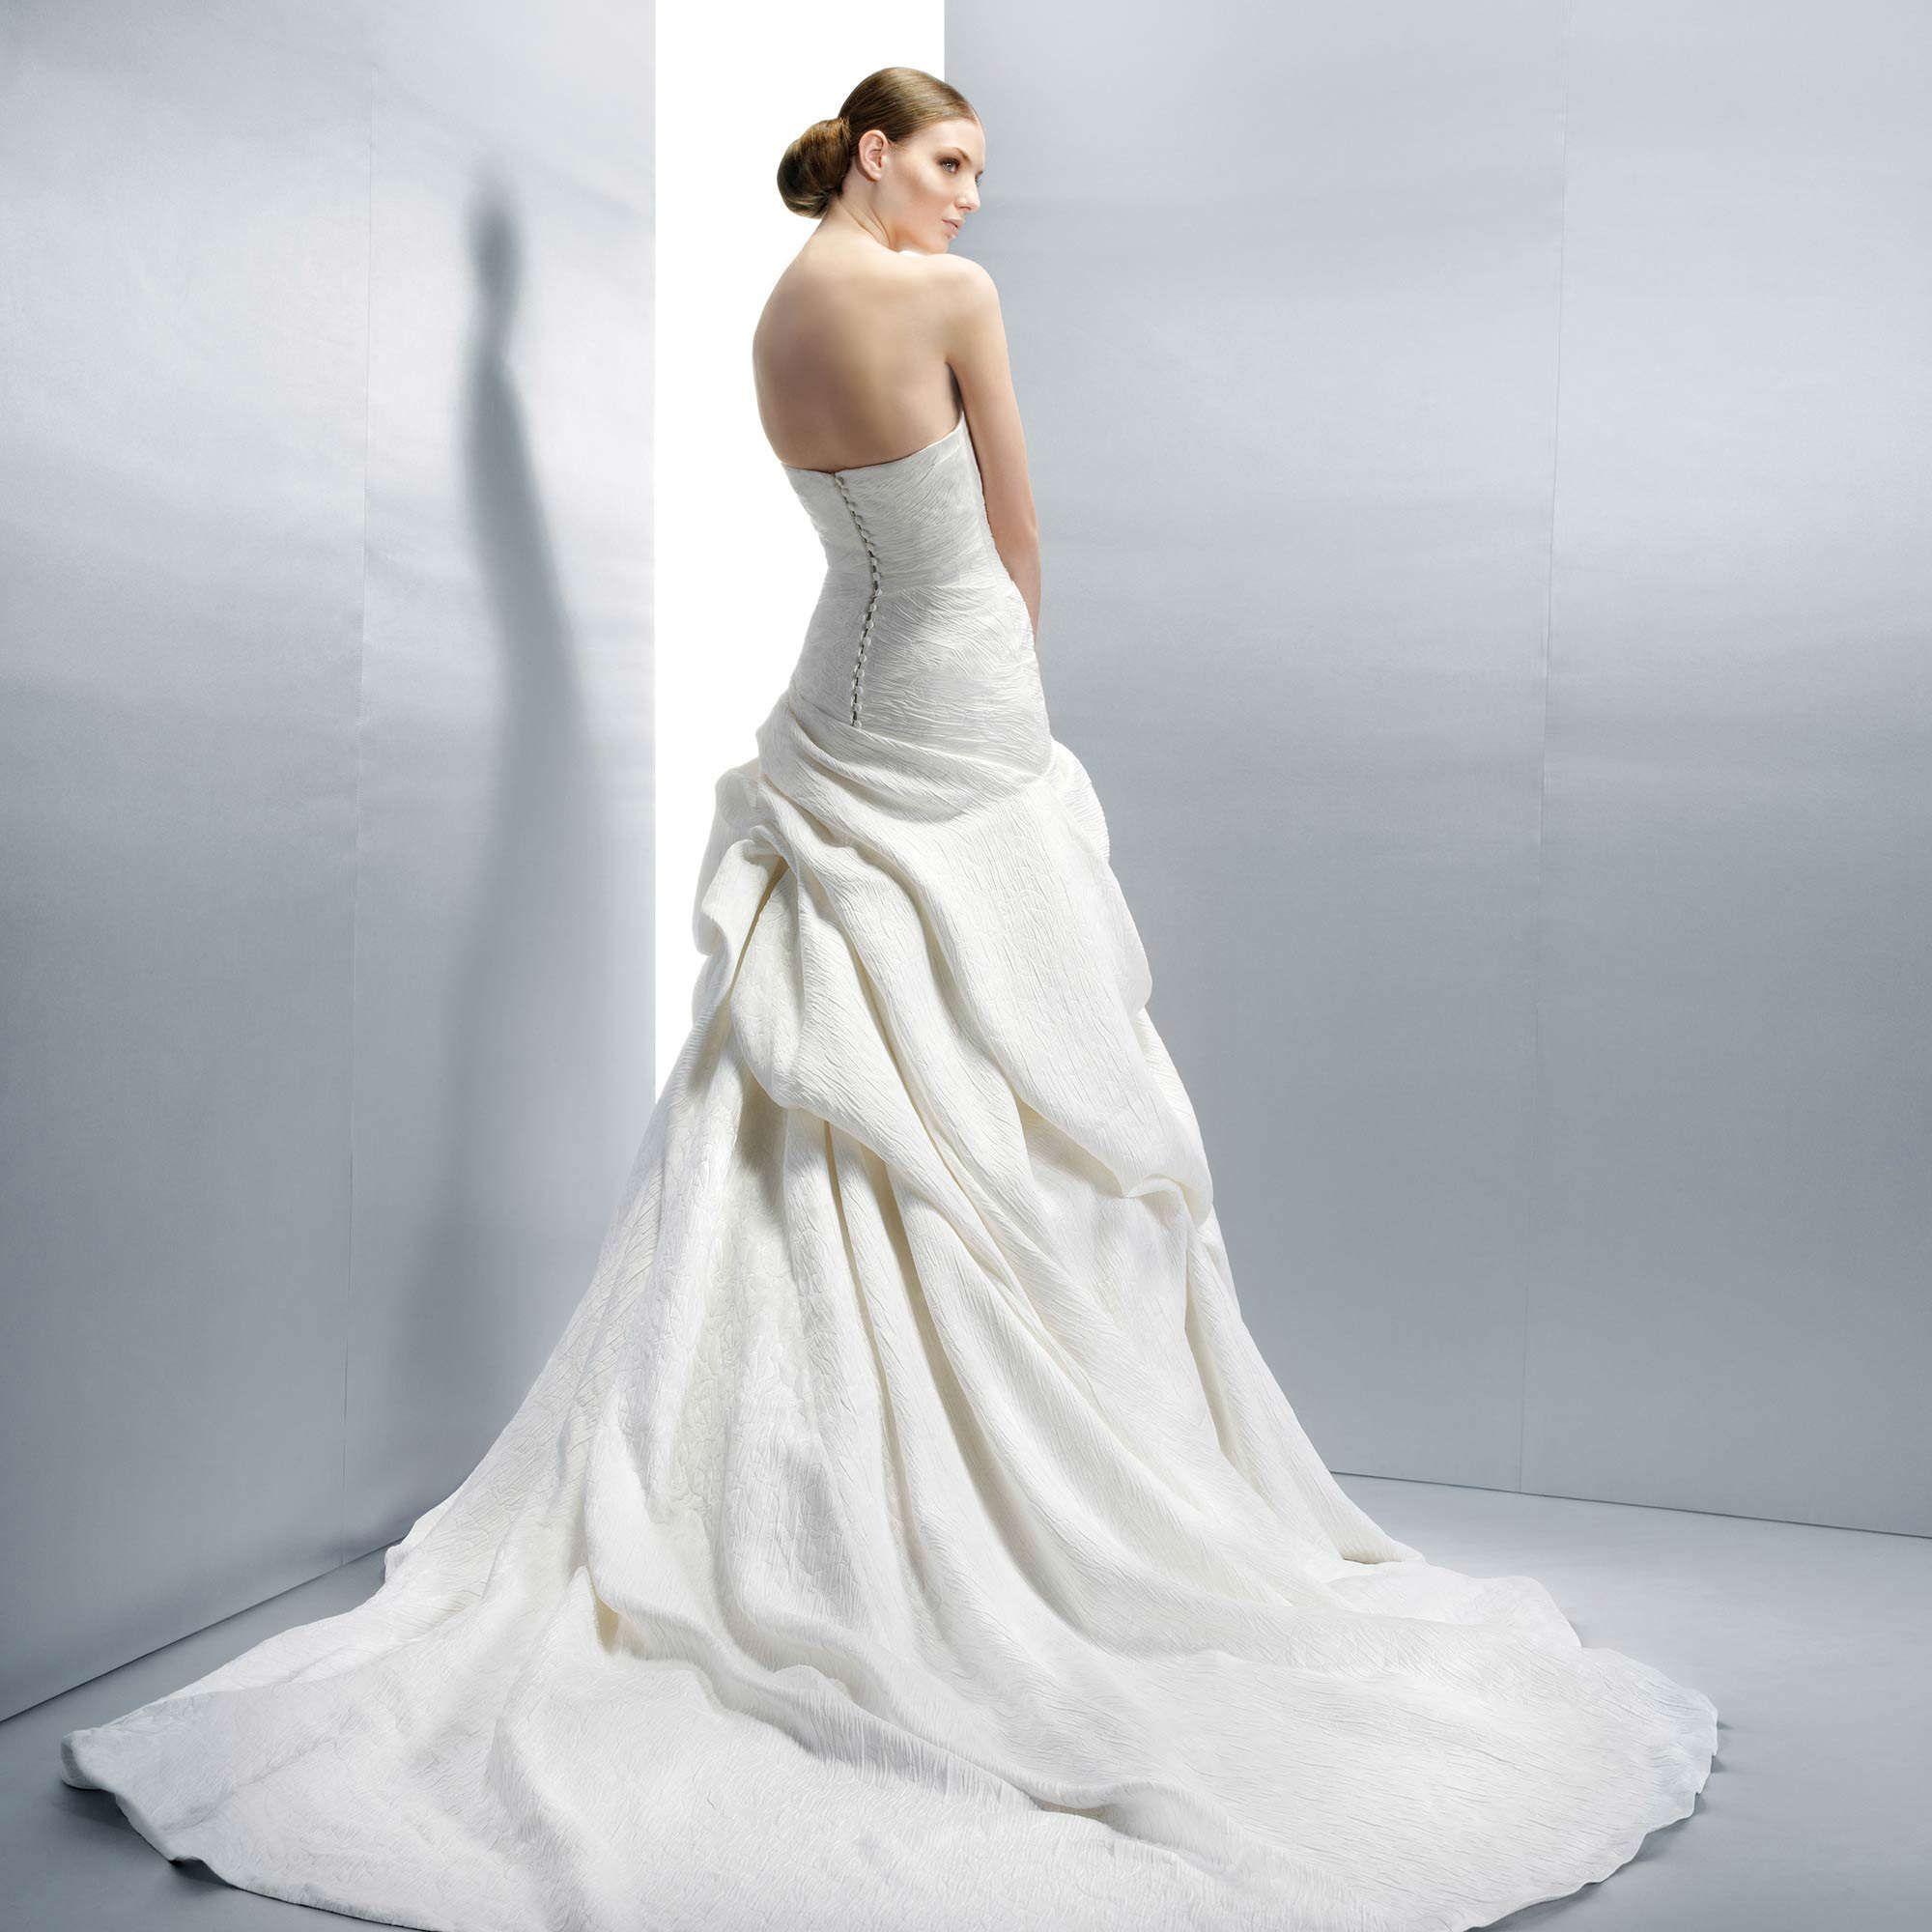 фото платьев расклешенных от талии